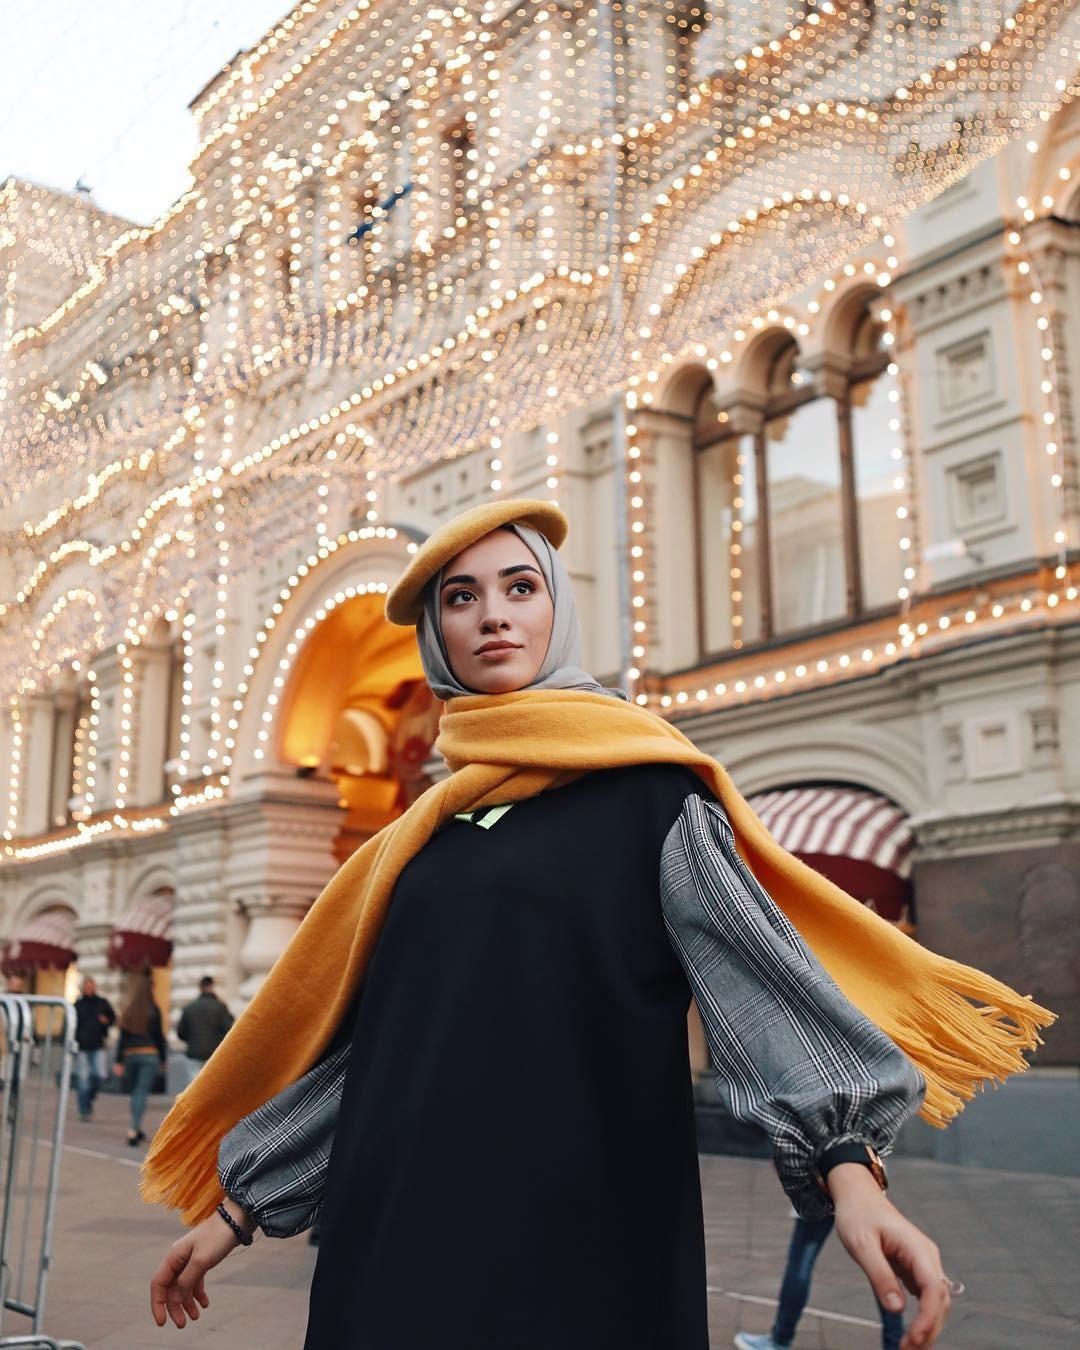 Дизайнеры стараются создавать одежду в стиле «modest fashion» таким образом, чтобы она легко вписалась в гардероб любой современной девушки, выбирающей элегантность, скромность и комфорт....